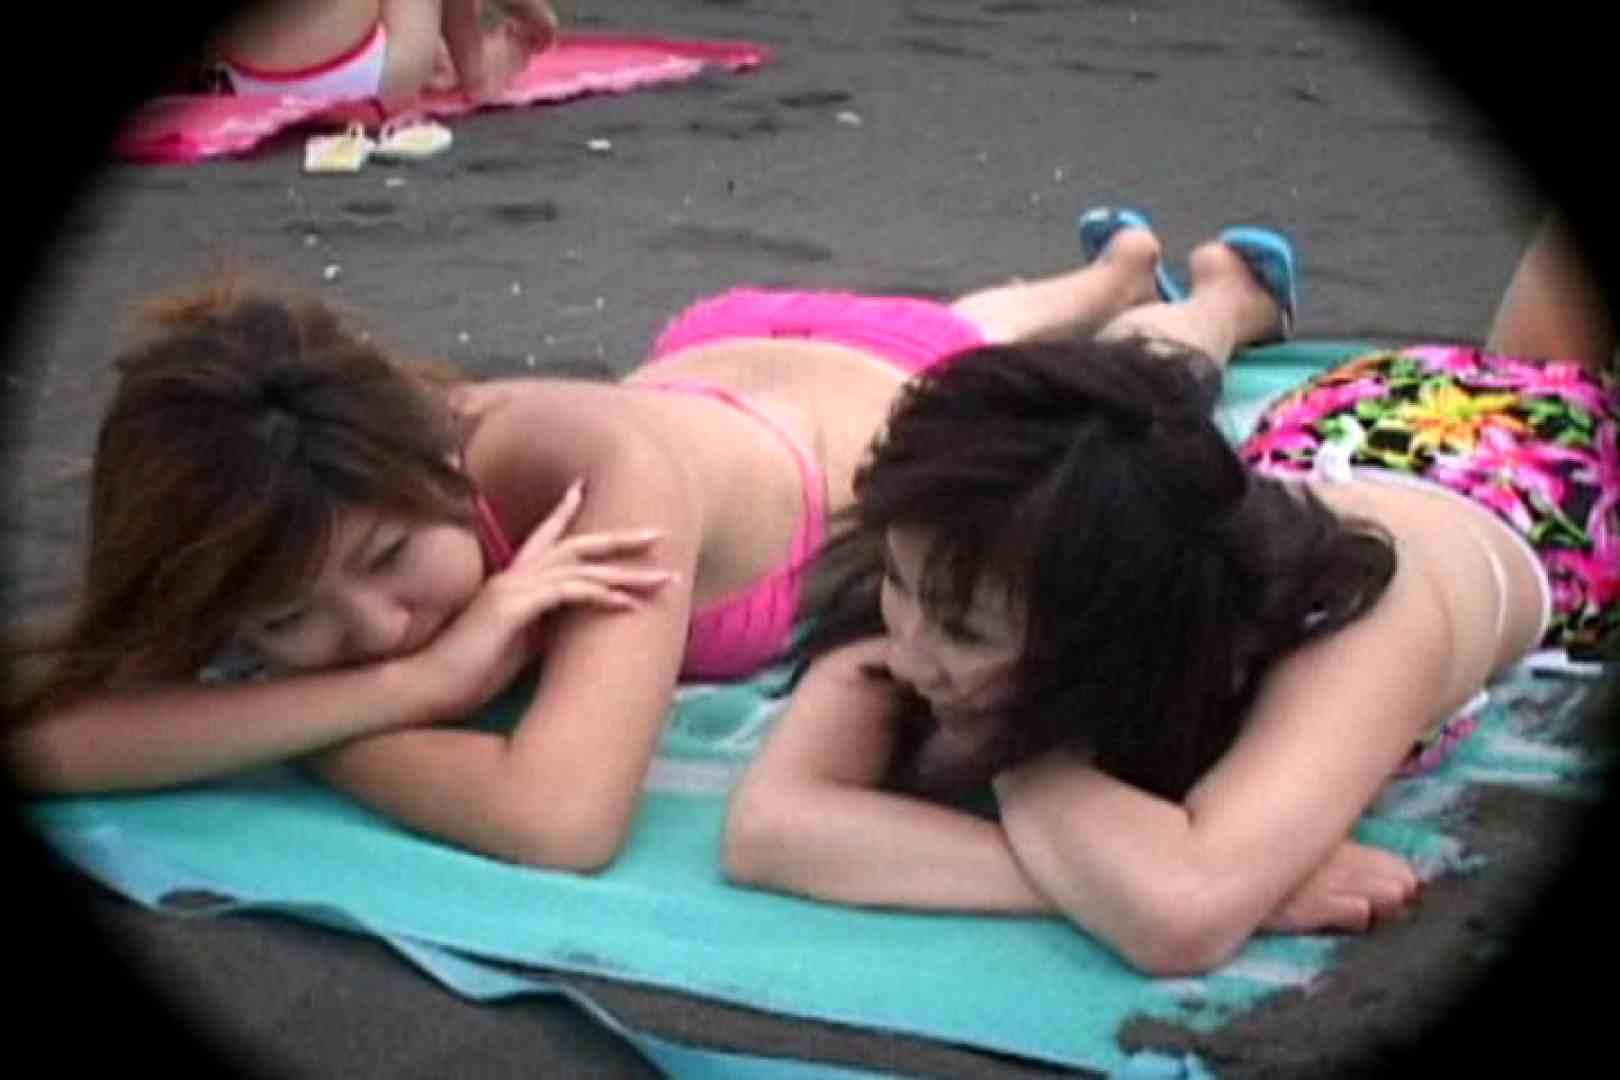 ビーチで発見!!はしゃぎ過ぎポロリギャルVol.1 エロいOL 濡れ場動画紹介 106枚